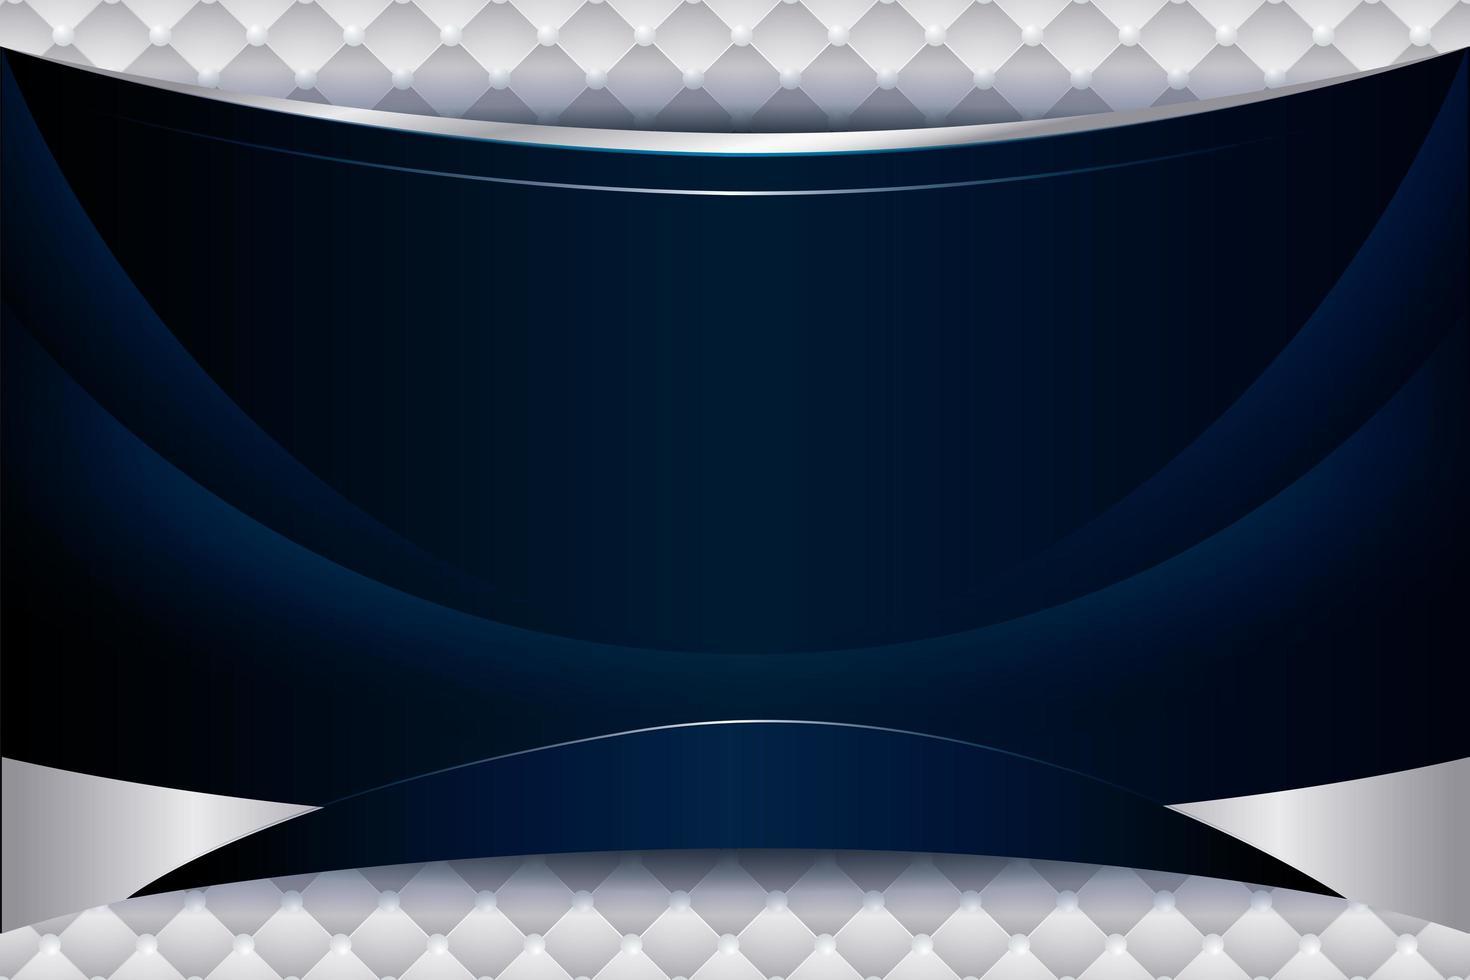 gladde blauwe achtergrond met golfverloop vector